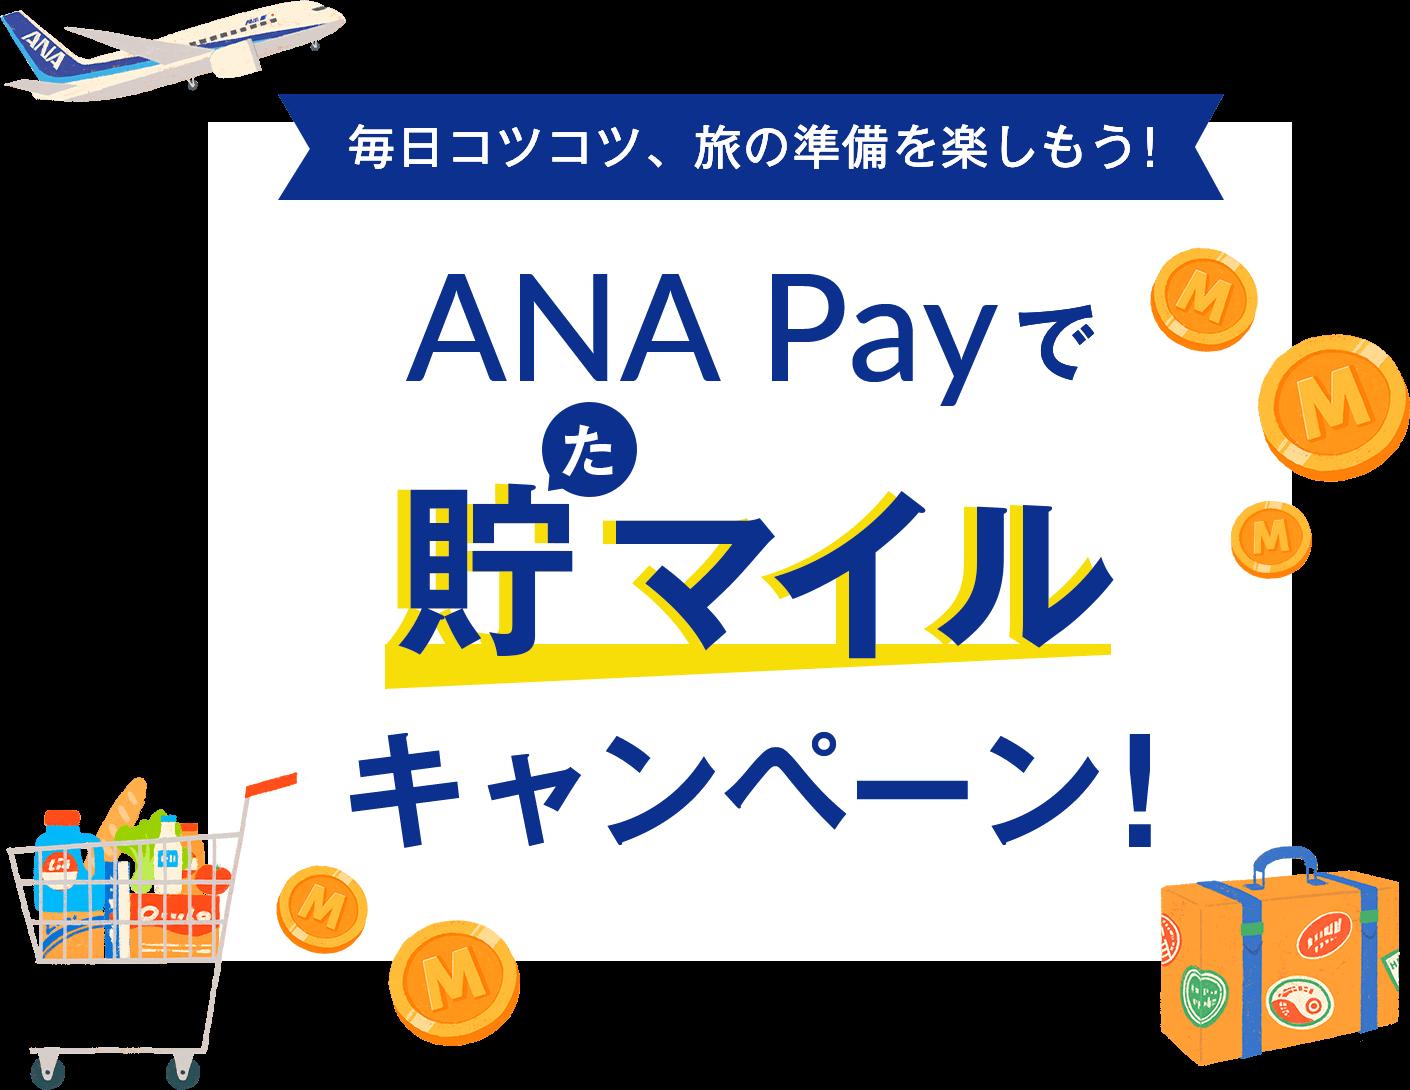 ANA Payで新規登録&5000円以上で500マイルが貰える。ANAやる気なさすぎて使える場所は未だに少ない。~7/31。